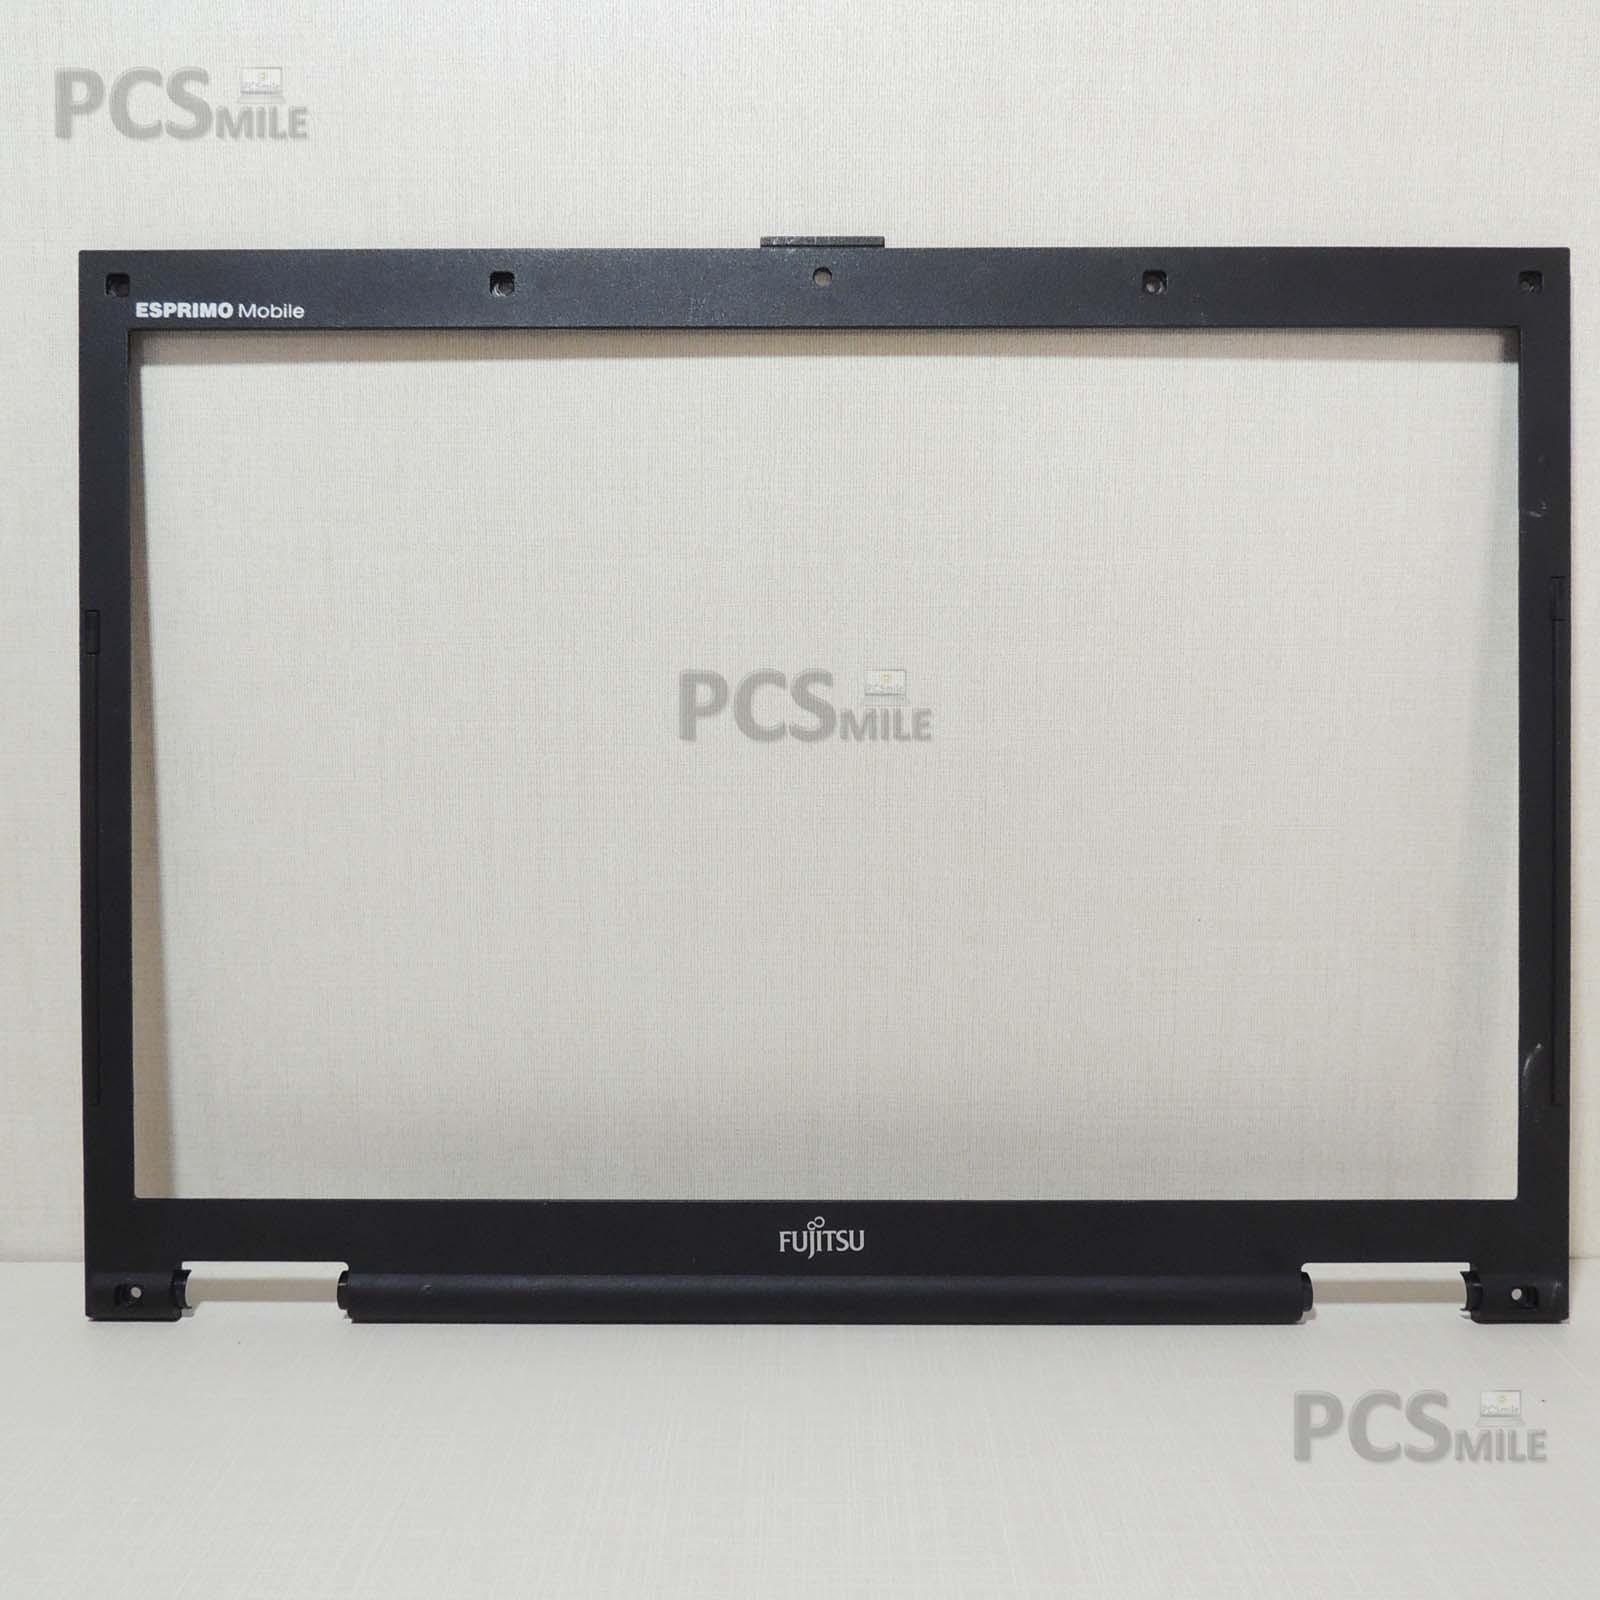 Fujitsu Esprimo Mobile V6555 Z17M 6051B0442701-1 Cornice schermo scocca LCD